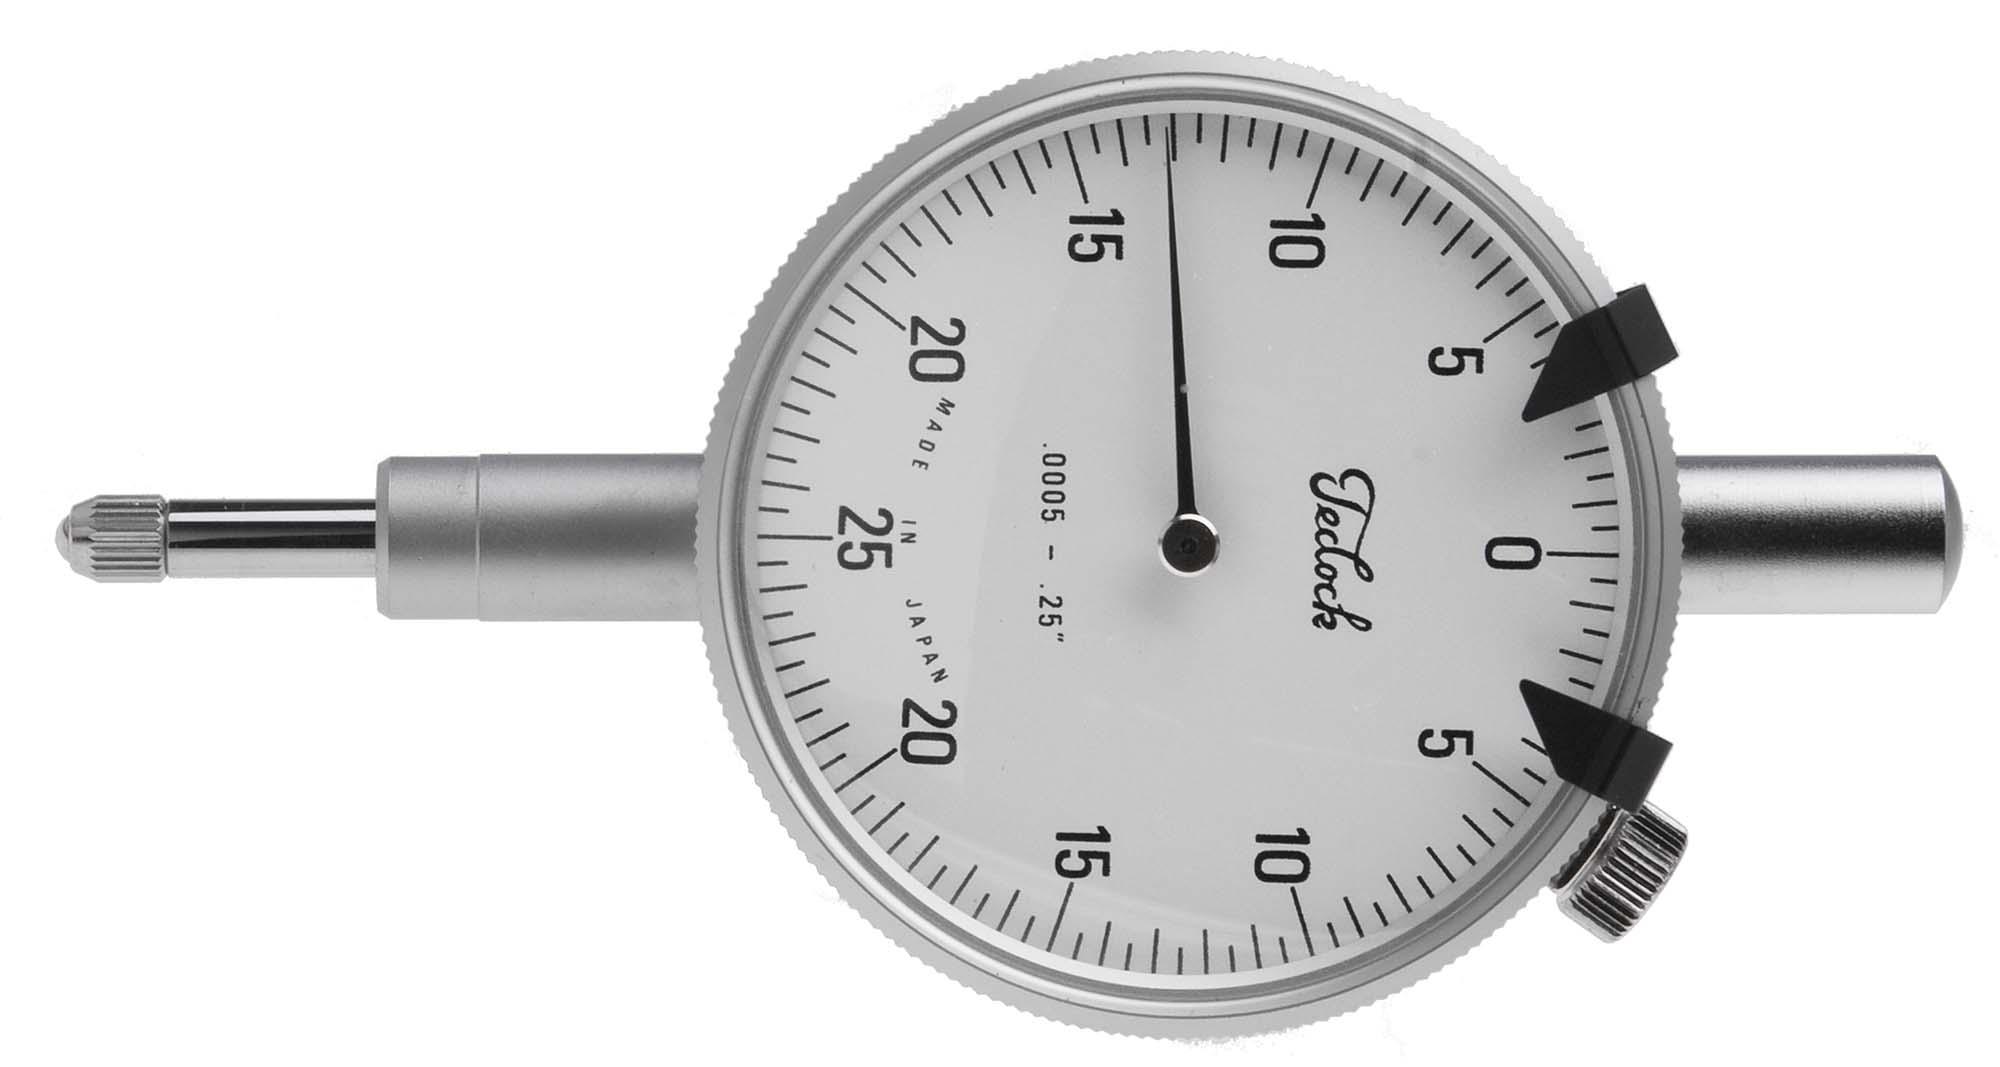 """TECLOCK TI-964-2  1/4"""" Travel Dial Indicator with flat back, .0005"""" Graduation, 5/16"""" Stem"""